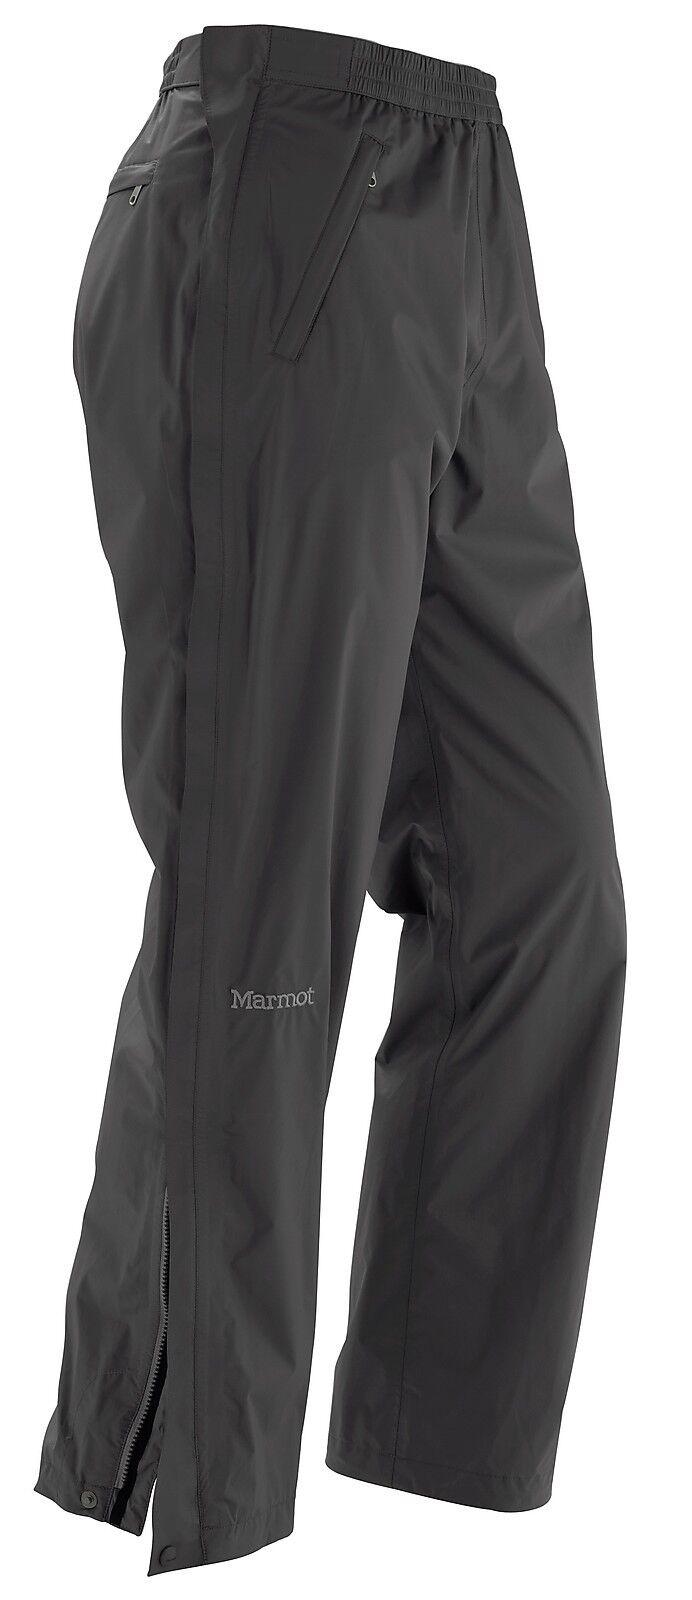 Marmot Precip Fullzip Pant  schwarz  leichte Regenhose für Herren  | Mittel Preis